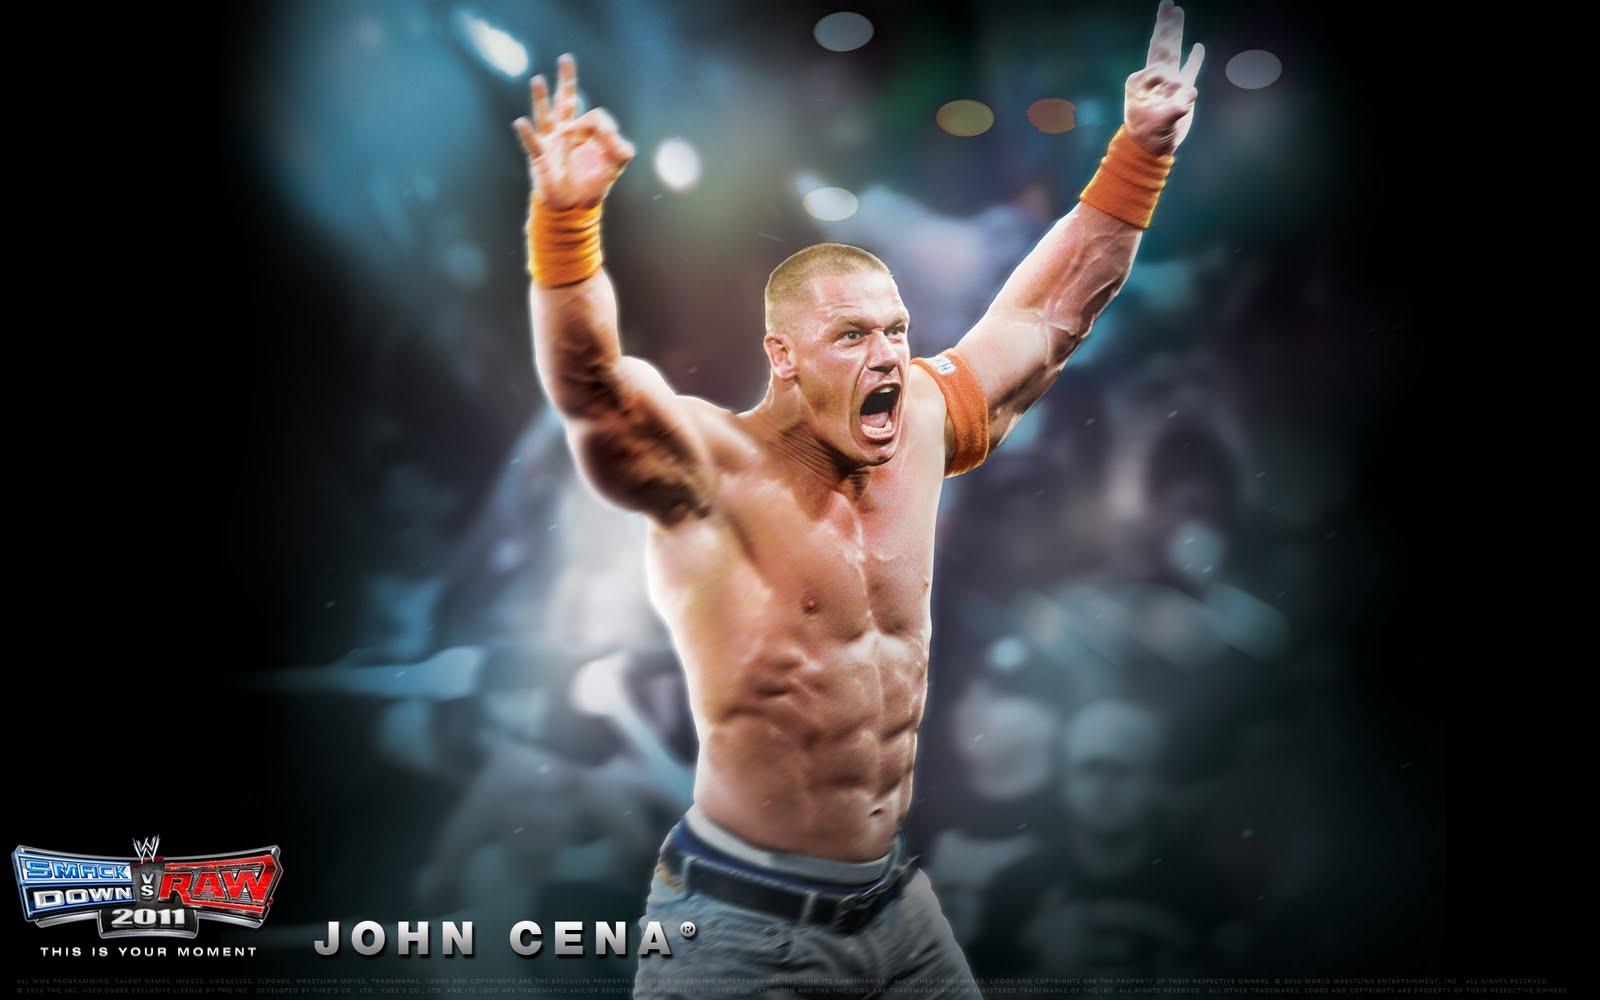 john%252Bcena Edge (World champion), John Cena, John Morrison, R Truth, Randy Orton, ...